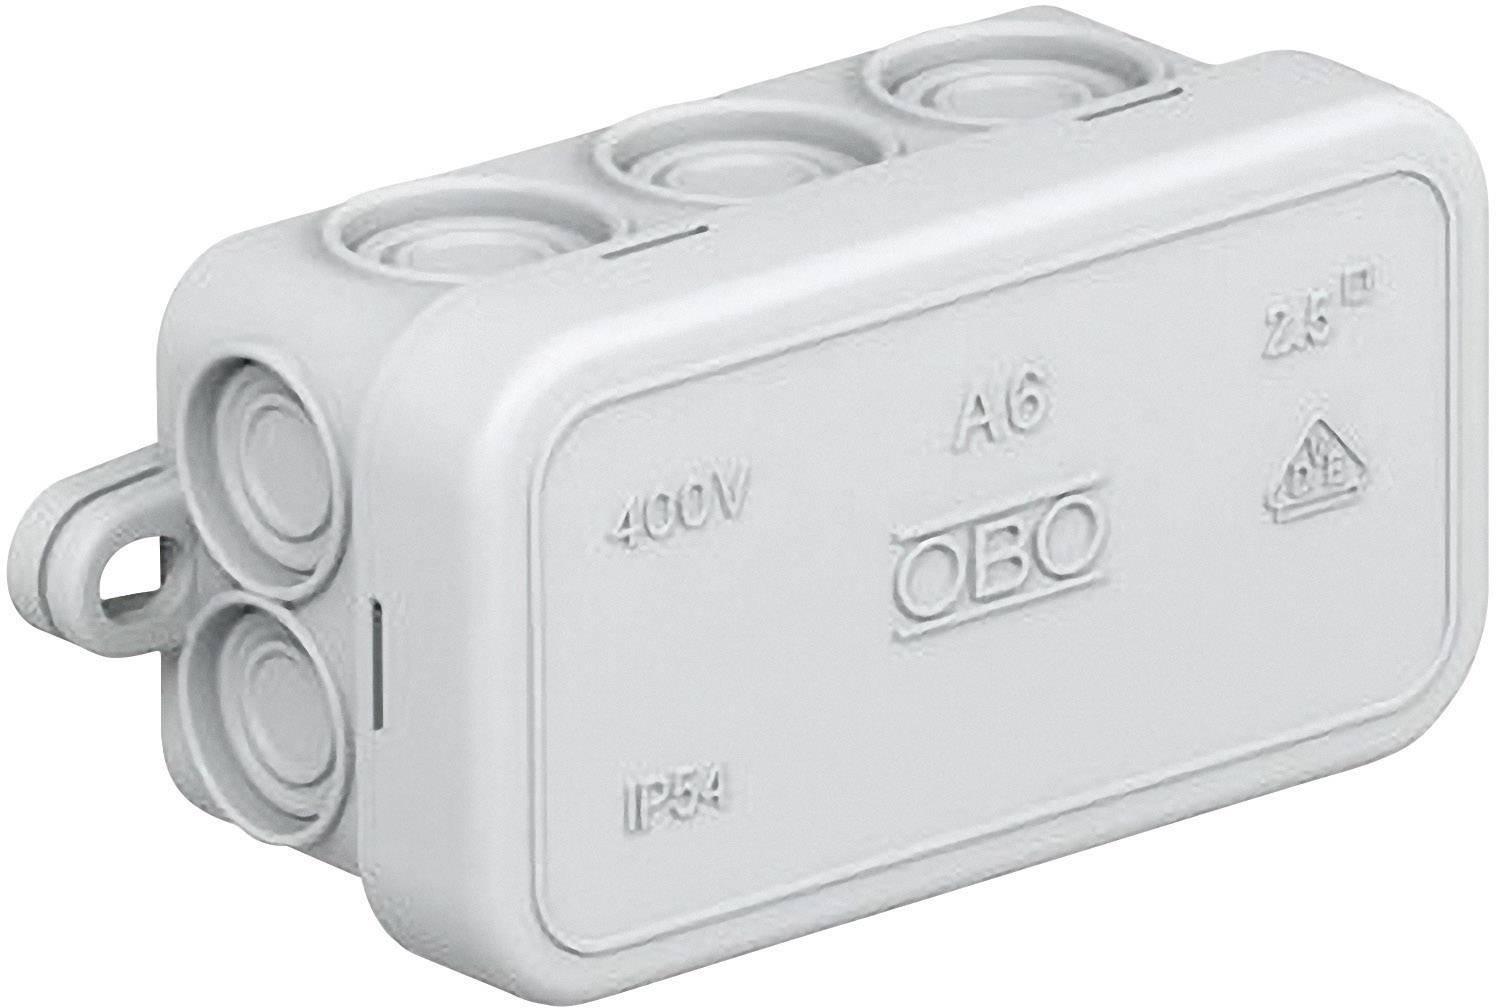 Rozbočovacia krabica OBO Bettermann A6, 80 x 43 x 34 mm, svetlo sivá, 2000001